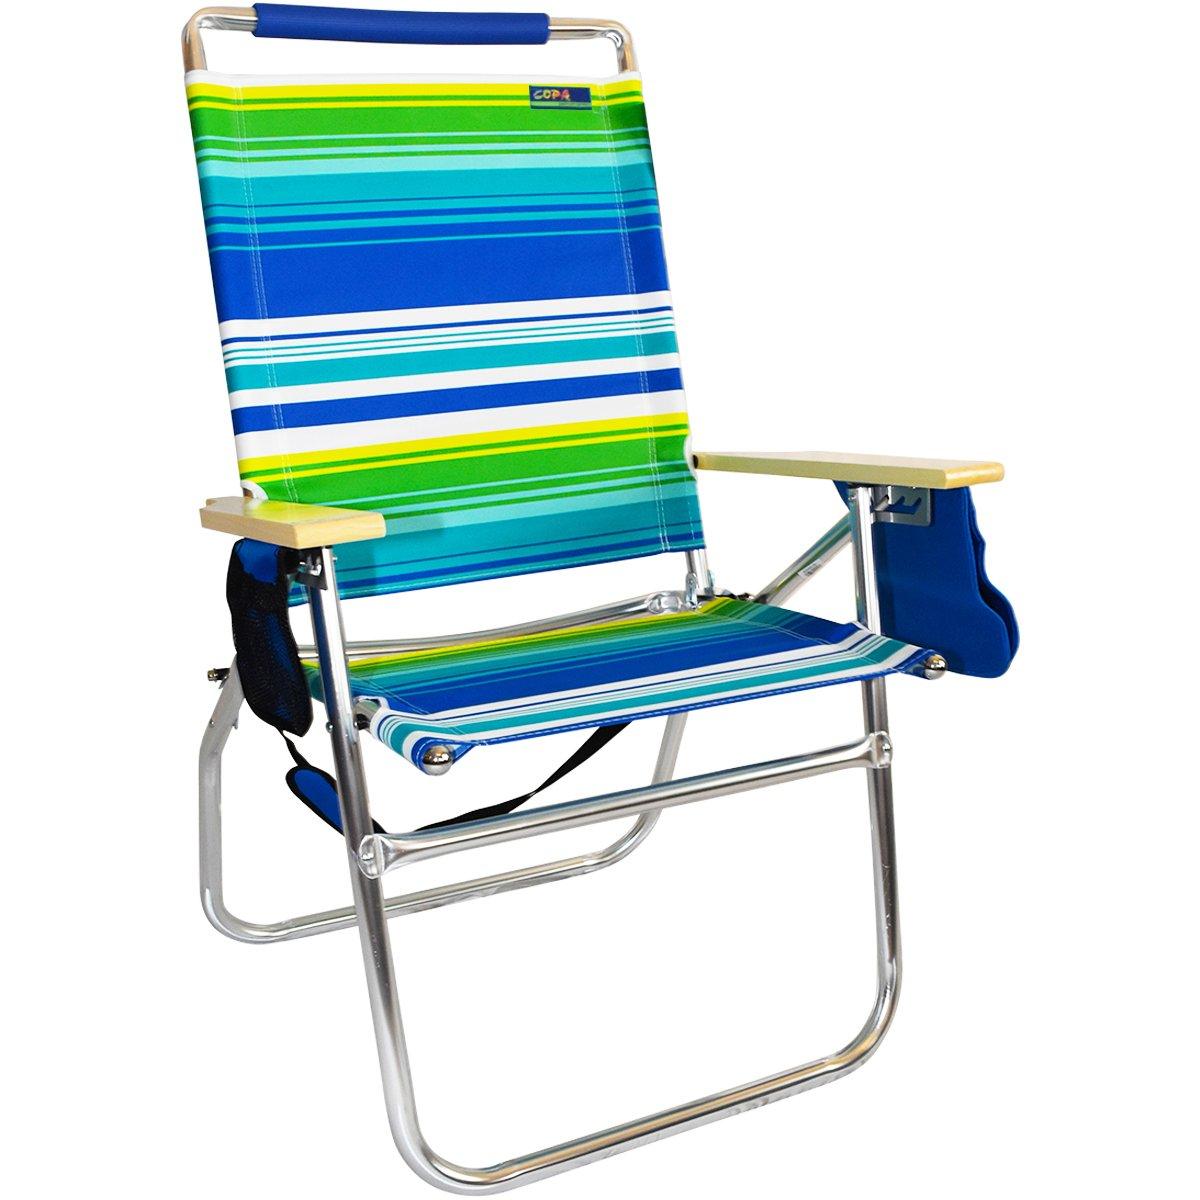 Copaビーチ18インチ高SeatビッグTycoonビーチ椅子   B07FC3L7TR